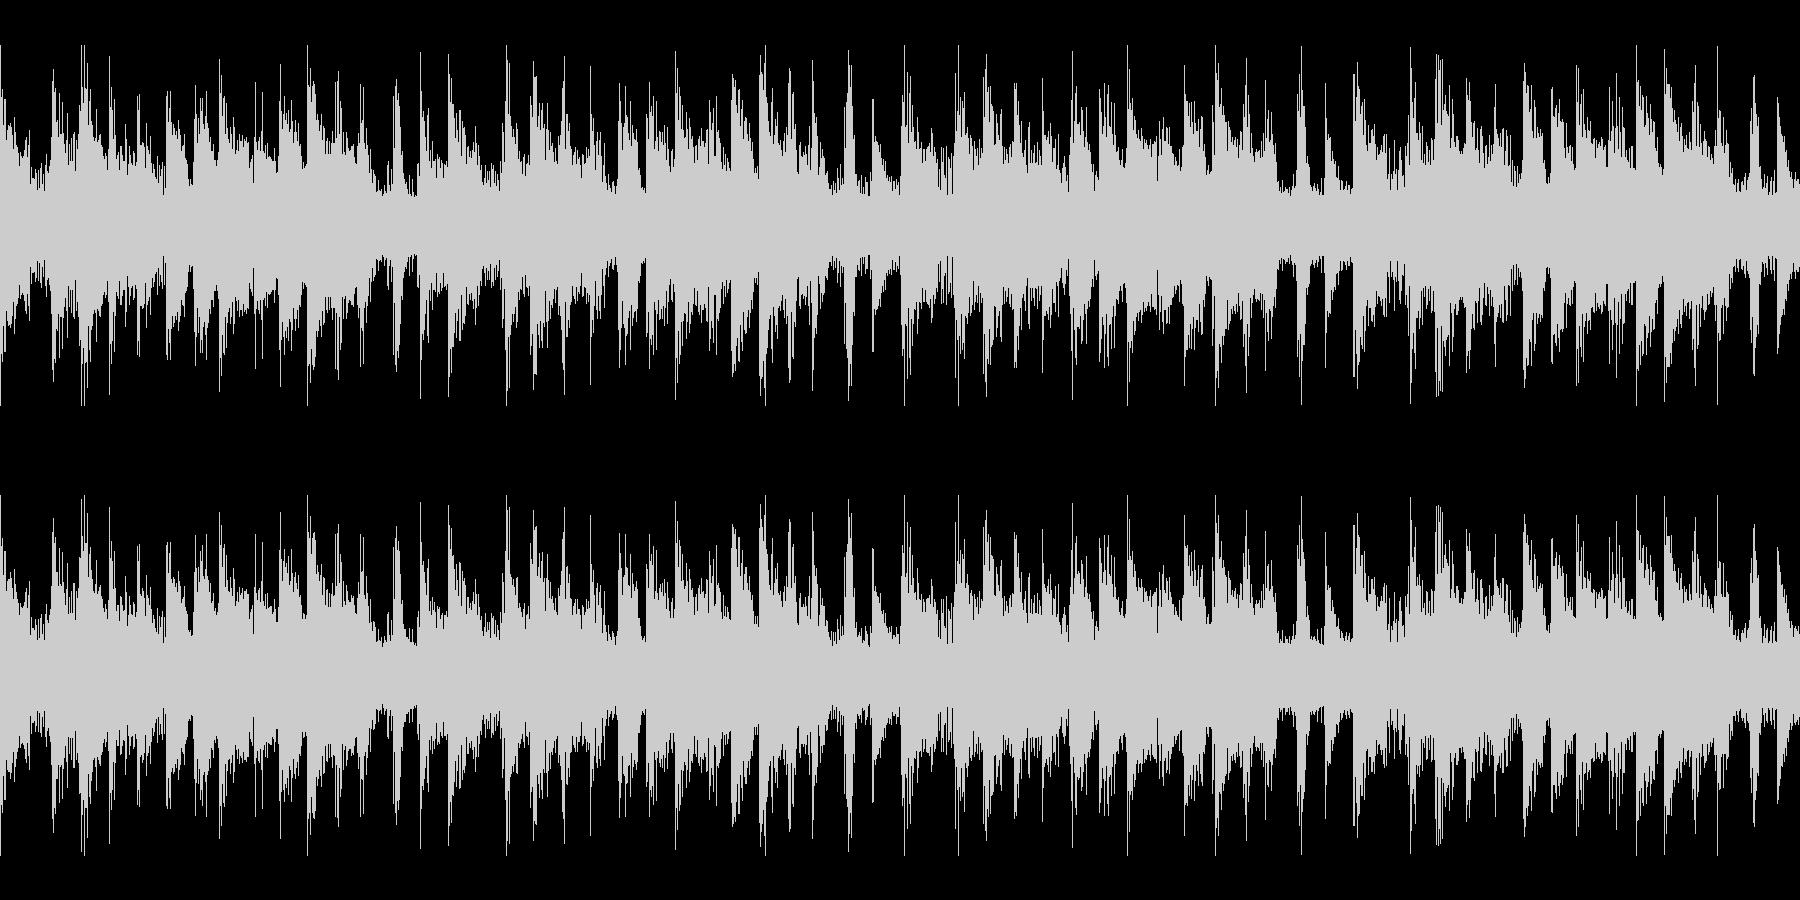 不気味な雰囲気のループ仕様 BGMの未再生の波形